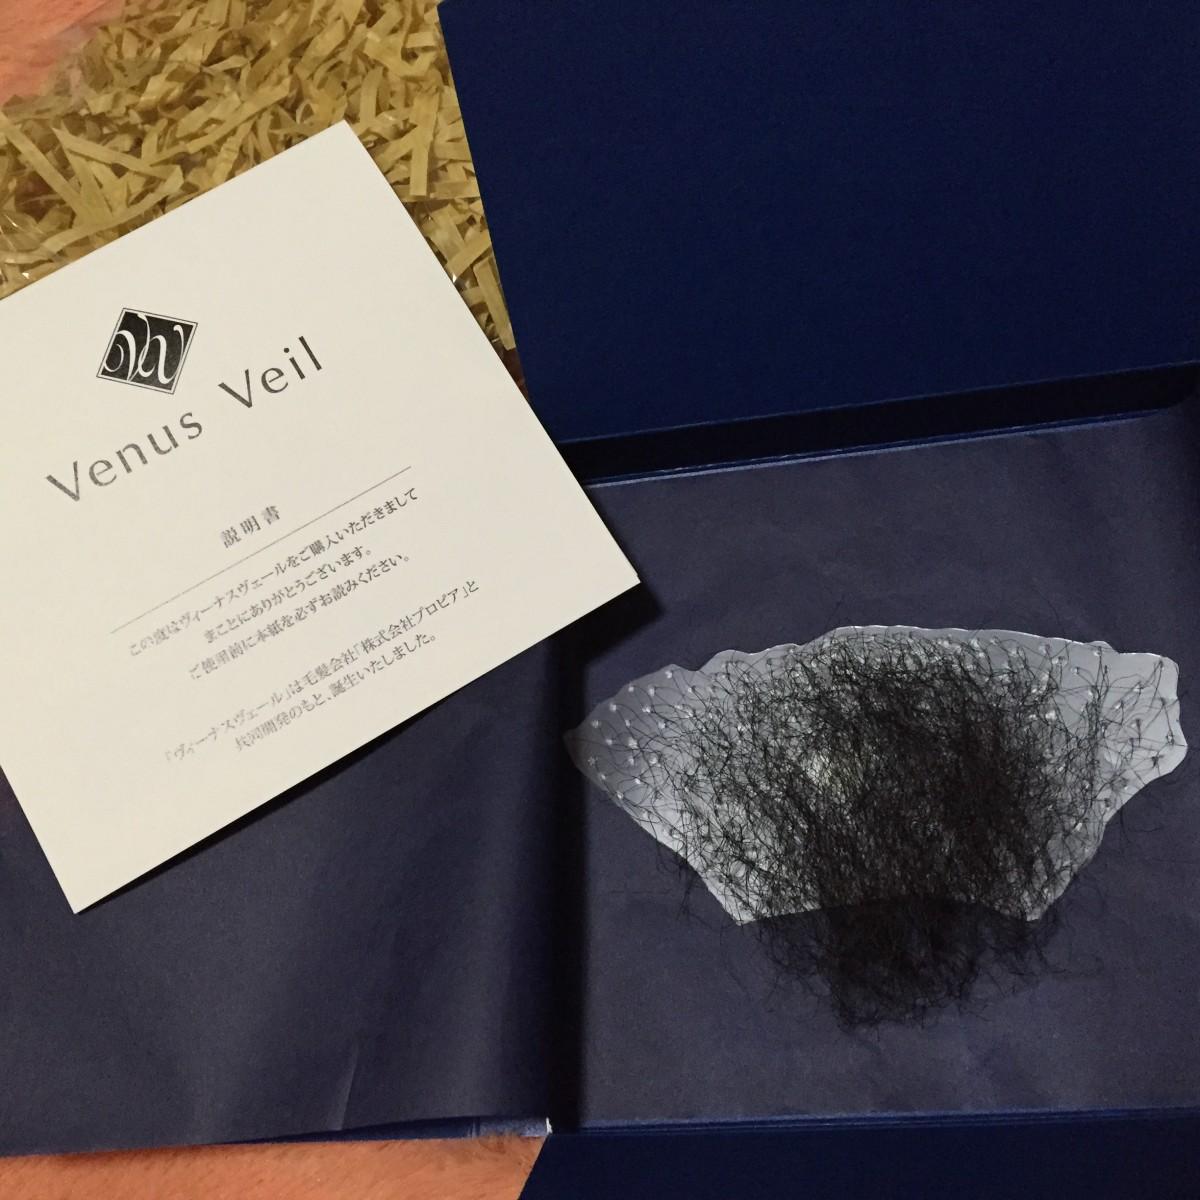 VIO(ハイジニーナ脱毛)中の温泉対策